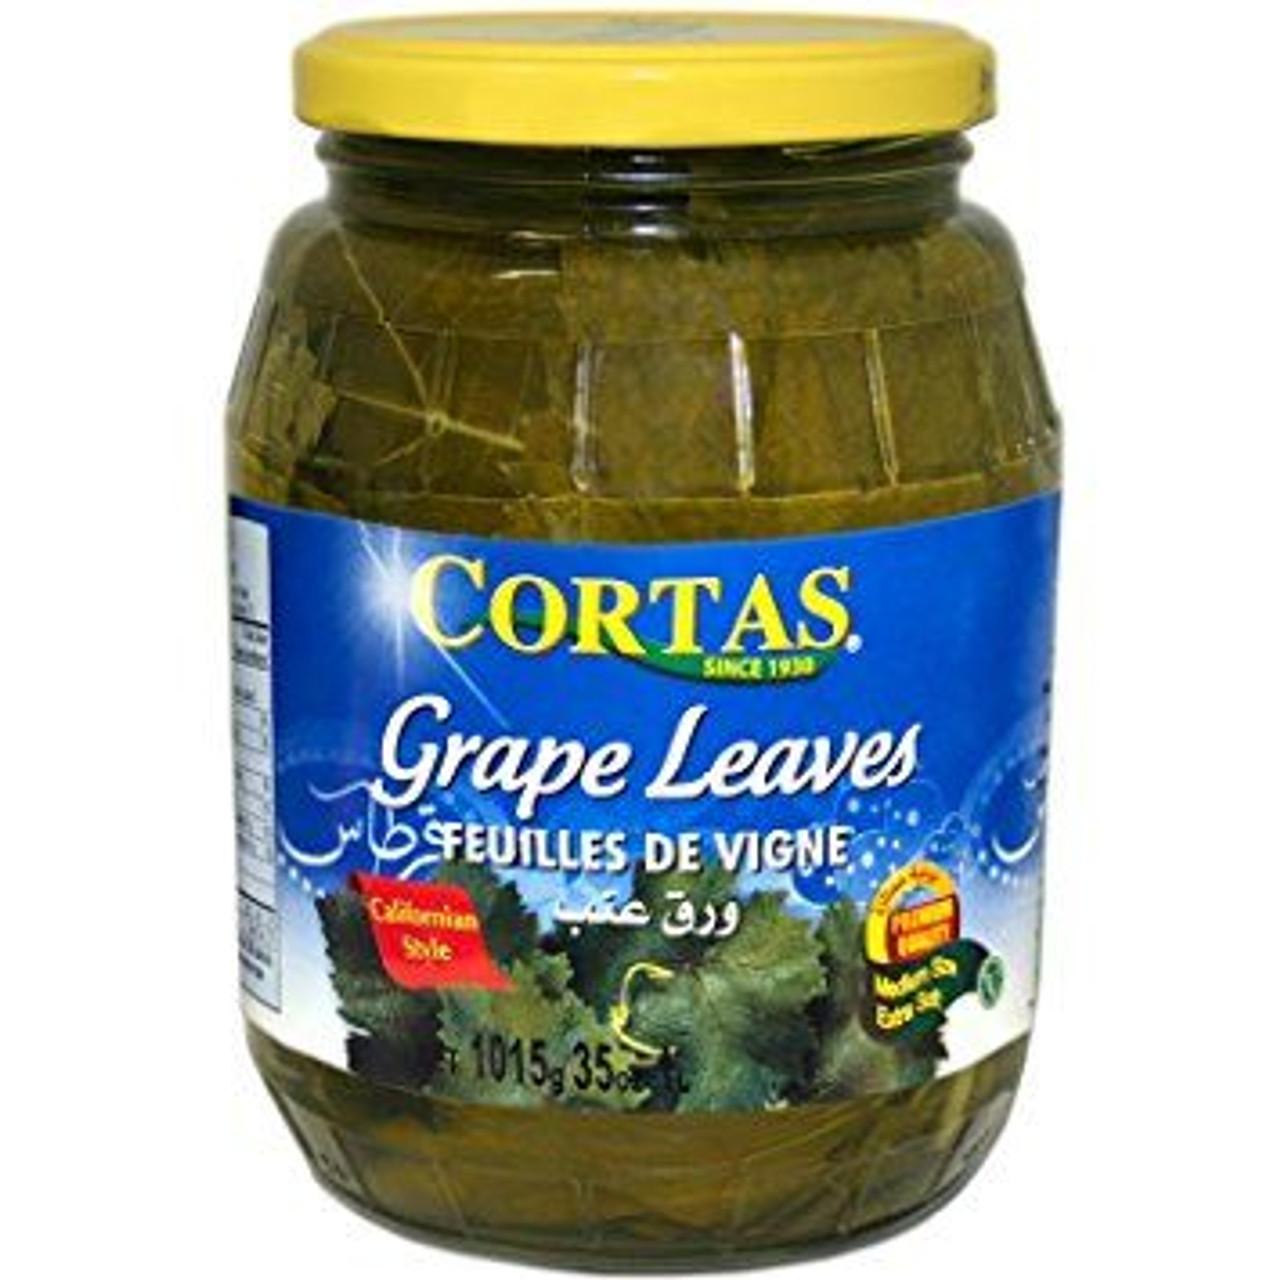 Cortas Vine Leaves In Brine 1015g Jar X 4 Fresco Wholefoods